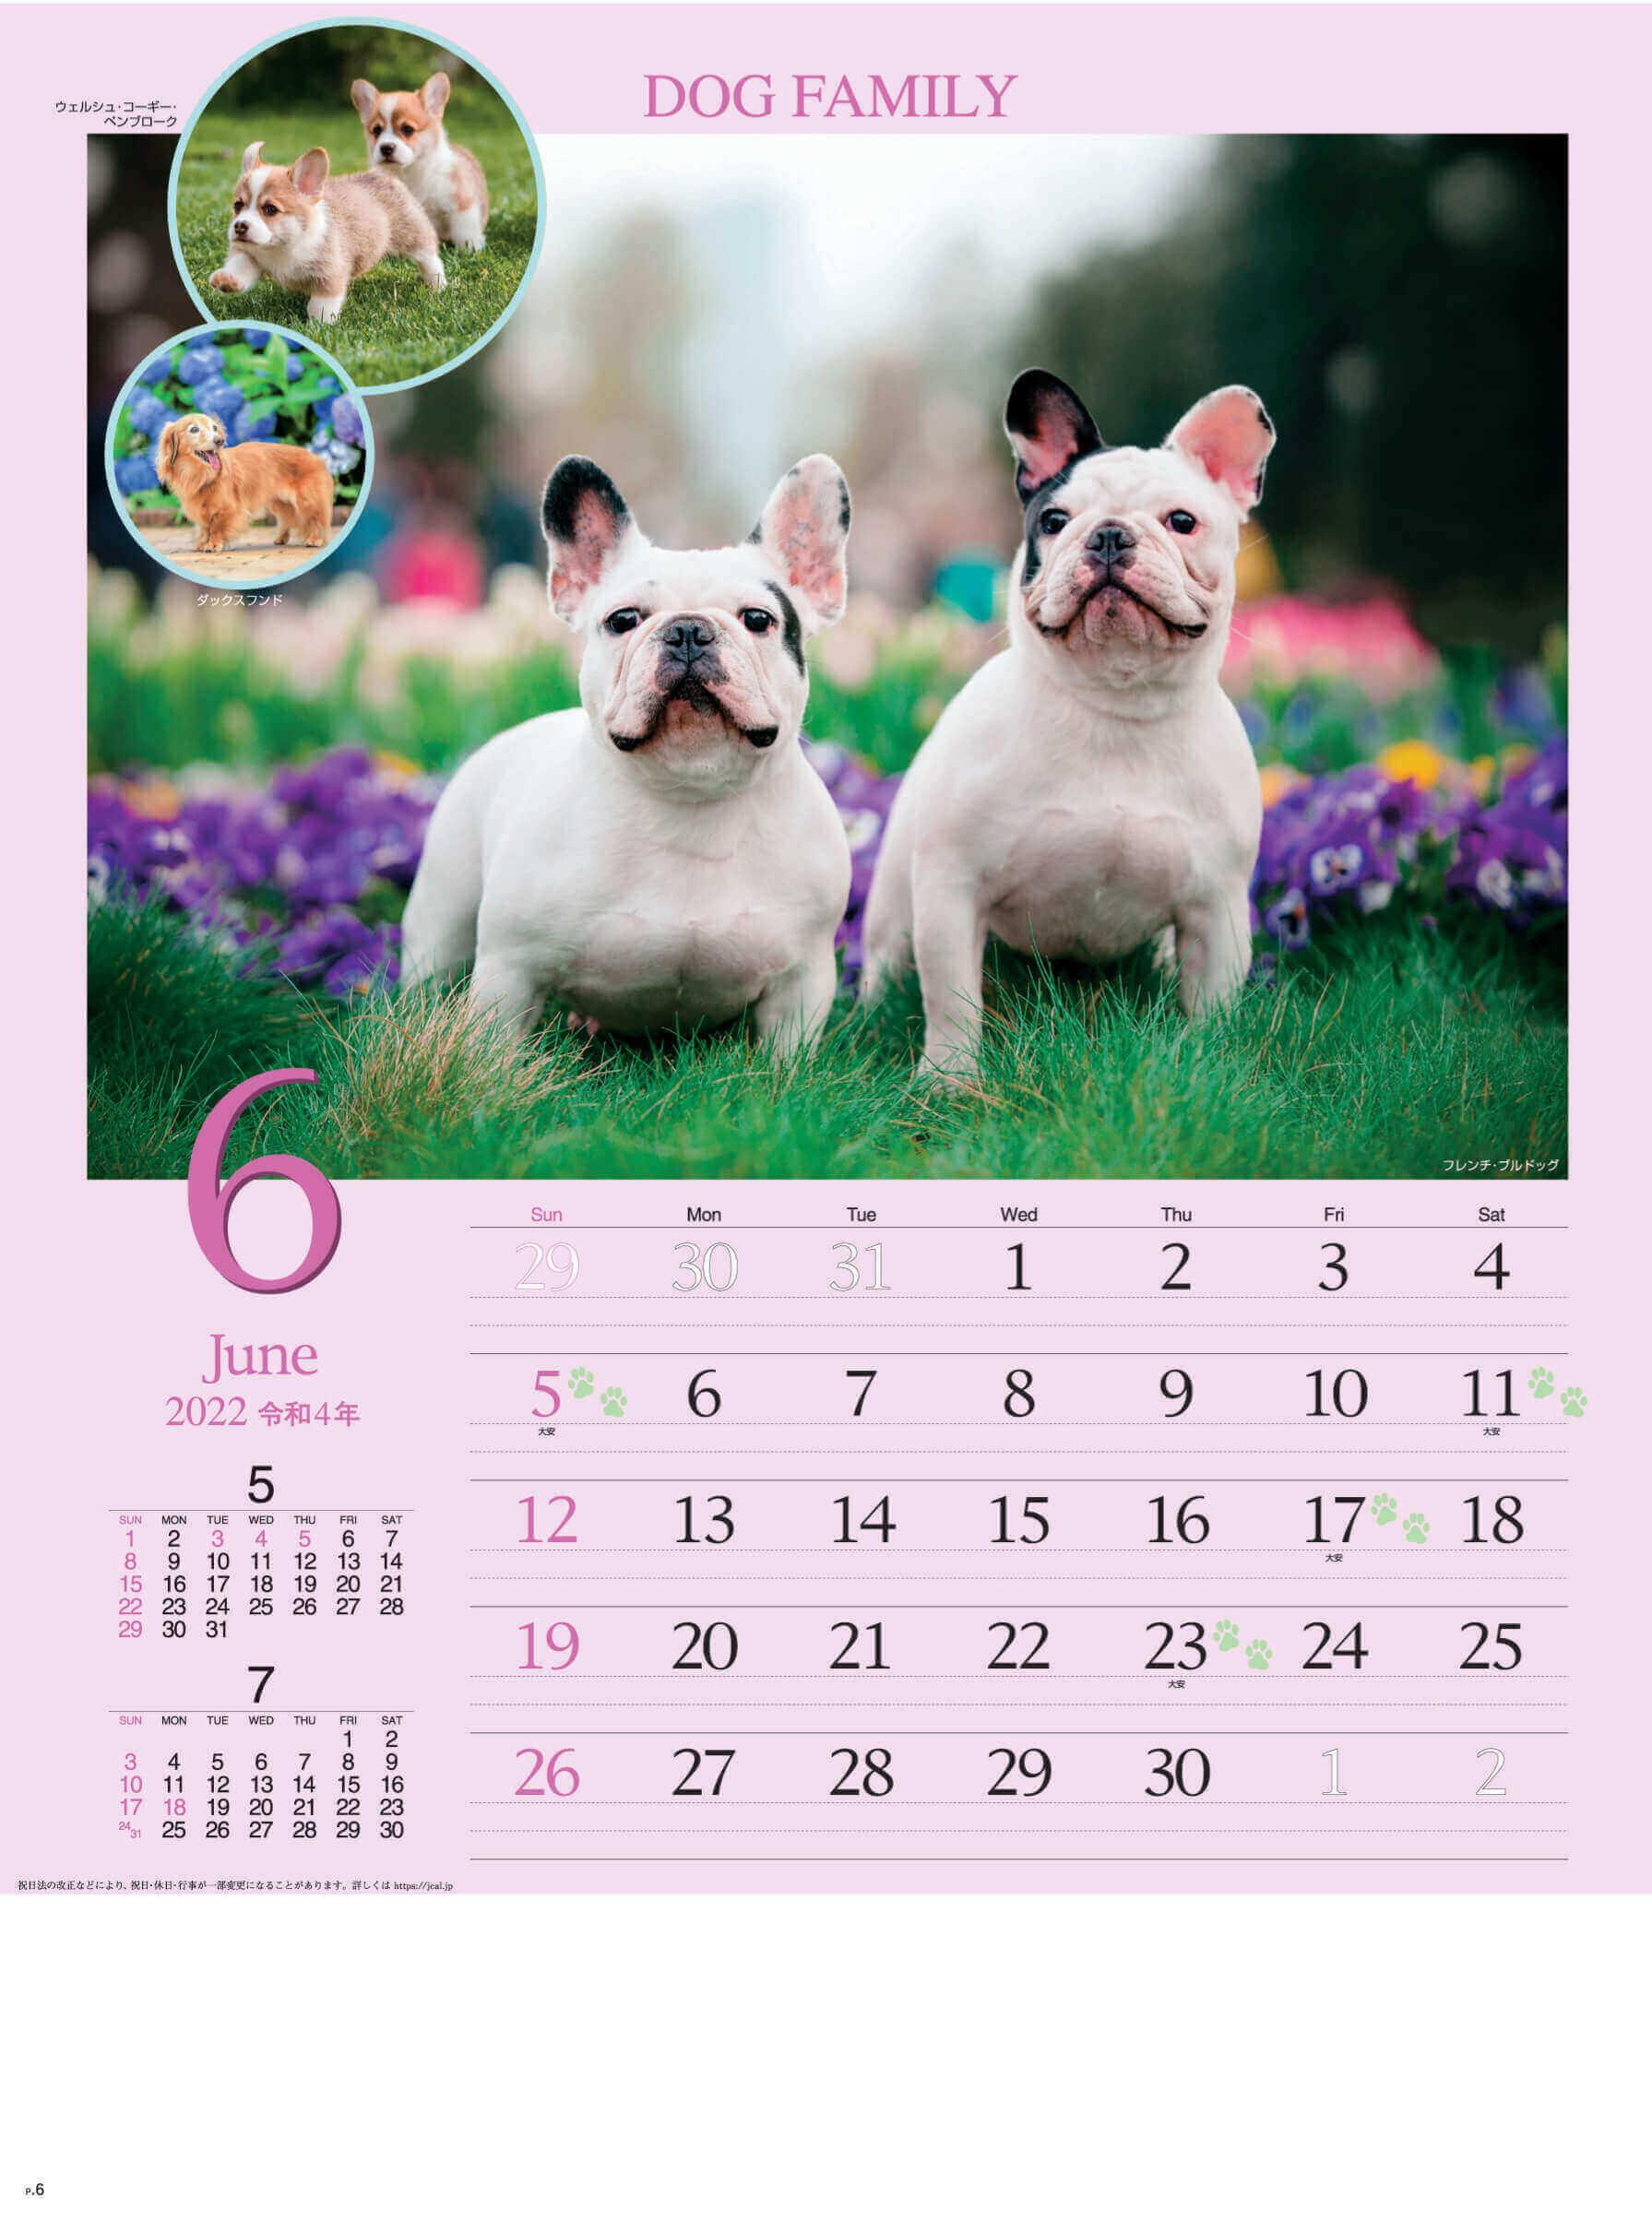 6月 フレンチ・ブルドッグ ドッグファミリー 2022年カレンダーの画像